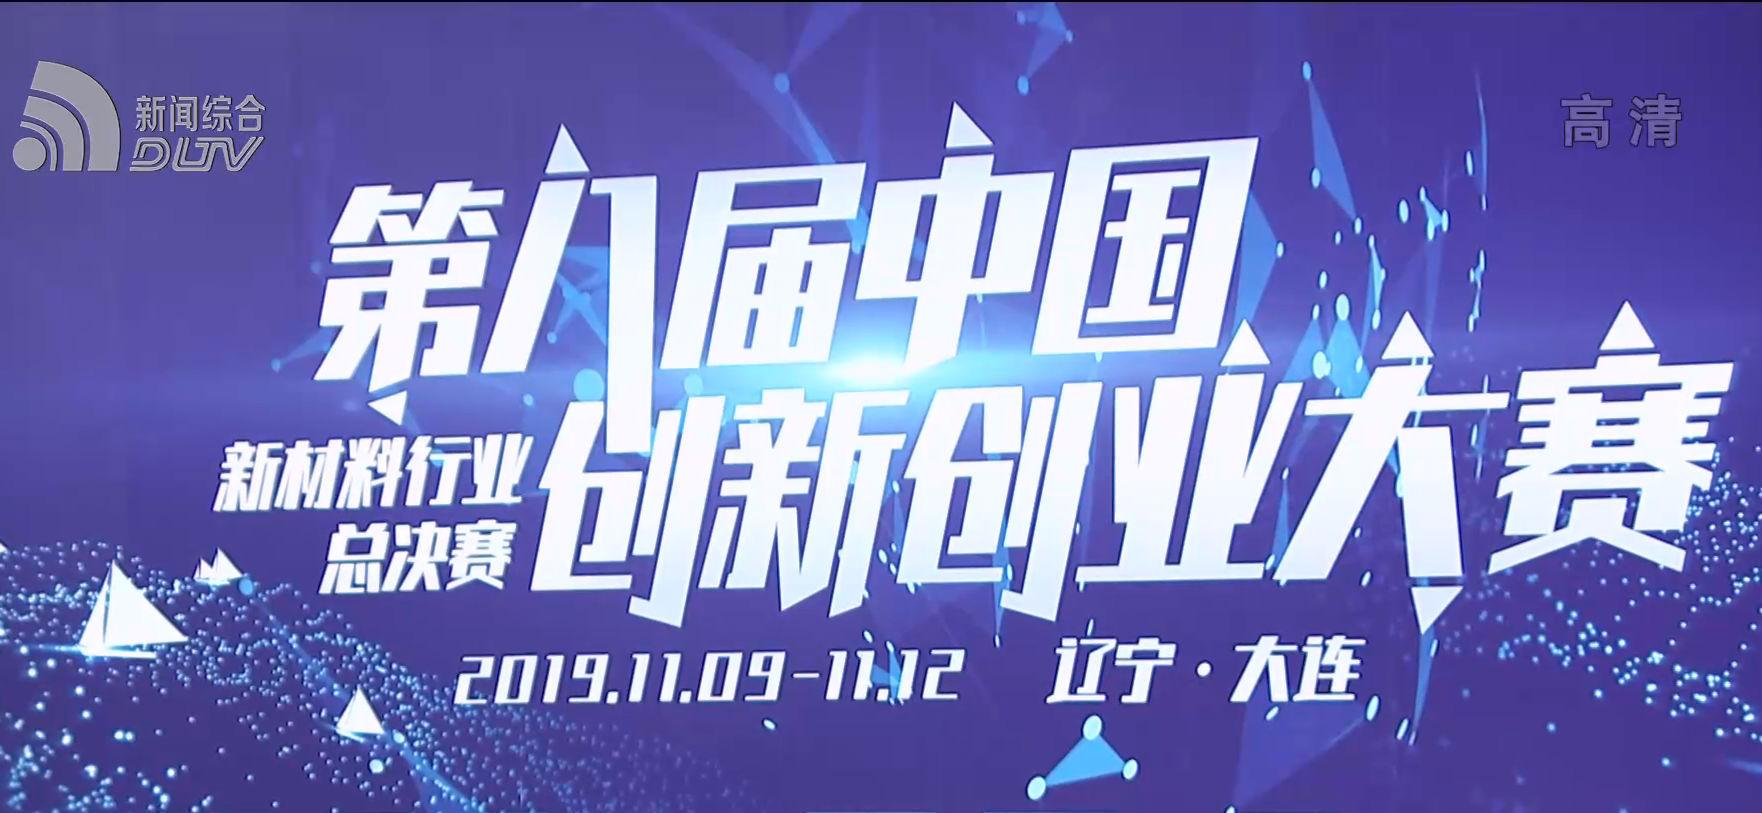 中国创新创业大赛新材料行业总决赛即将开赛